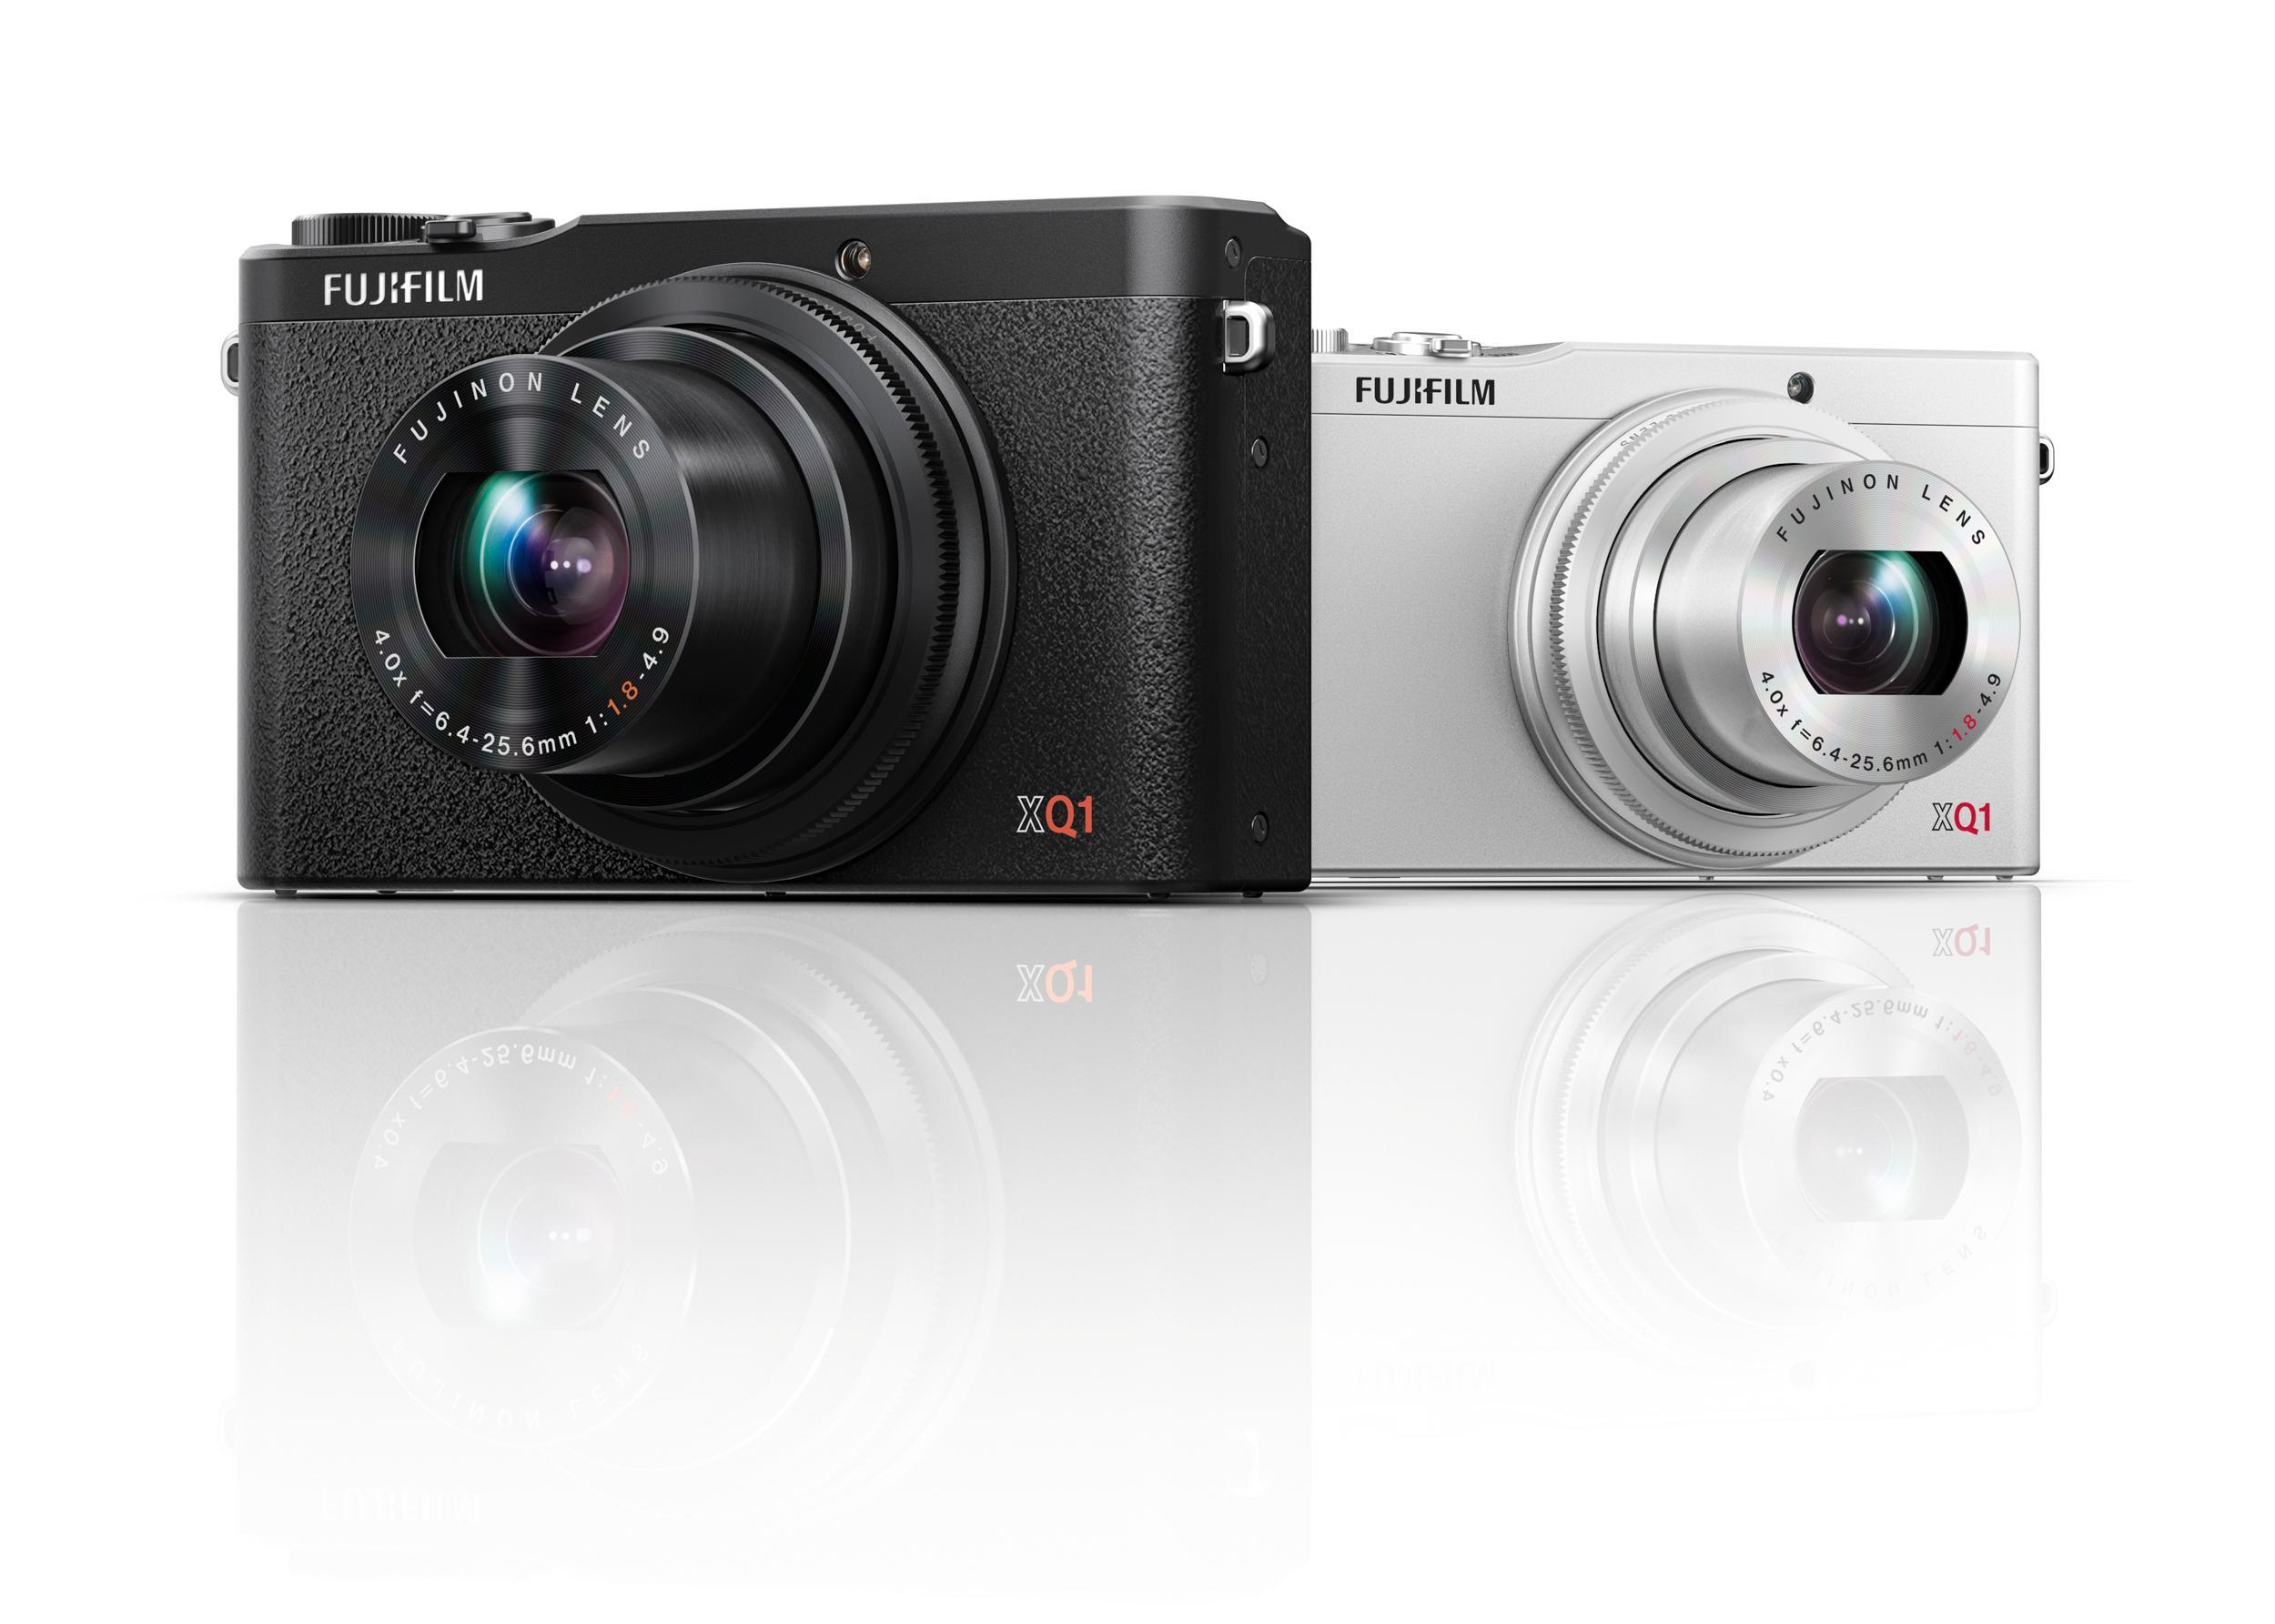 Kompaktykameraet XQ1 finnes i sort og sølv. Foto: Fujifilm